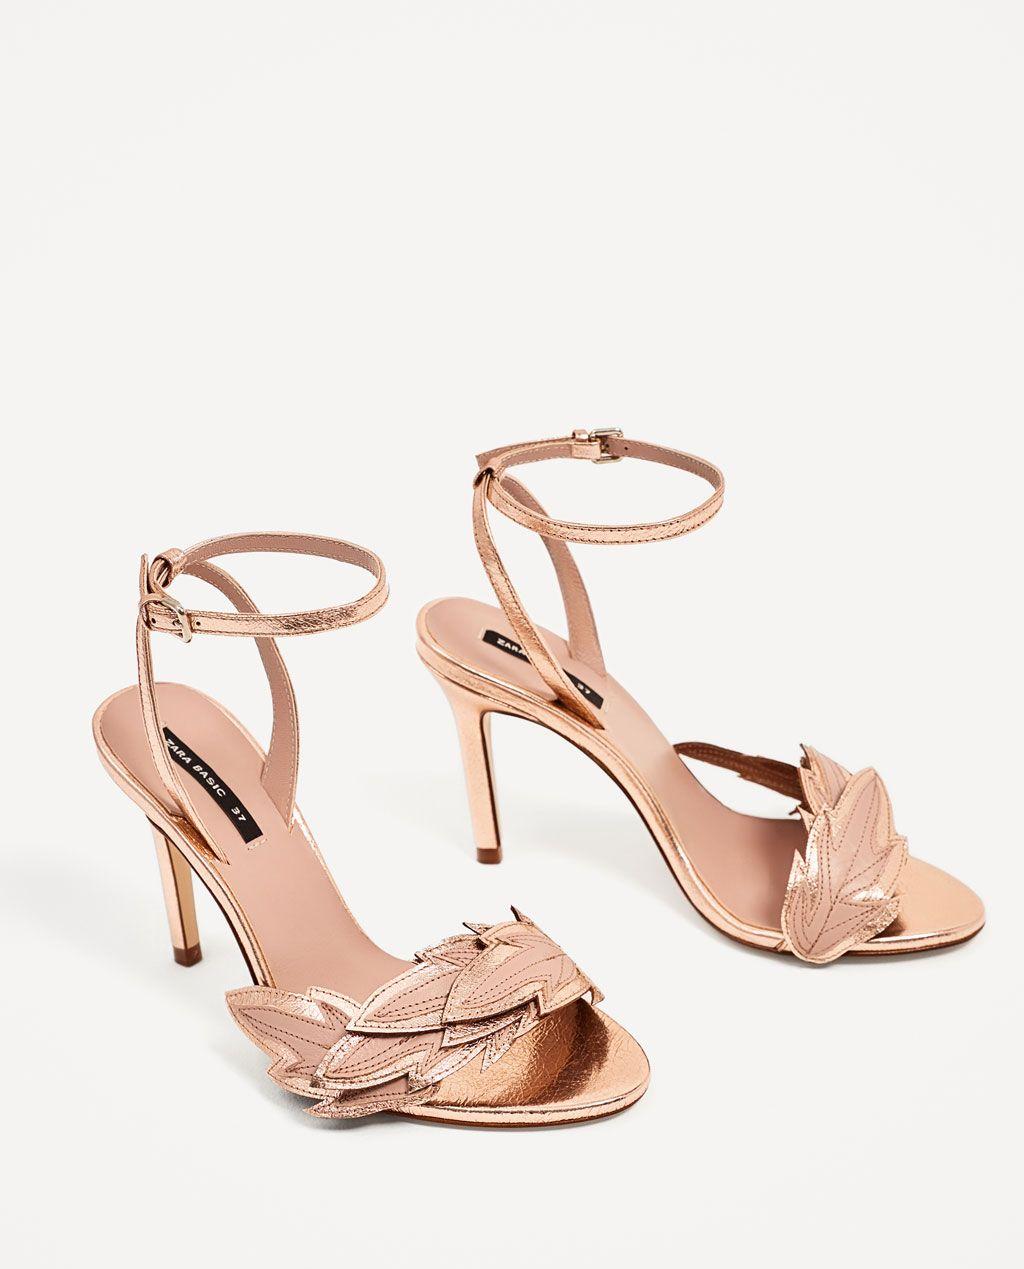 72f76a74 SANDALIA TACÓN DETALLE HOJA de Zara | Shoes | Zapatos de novia ...